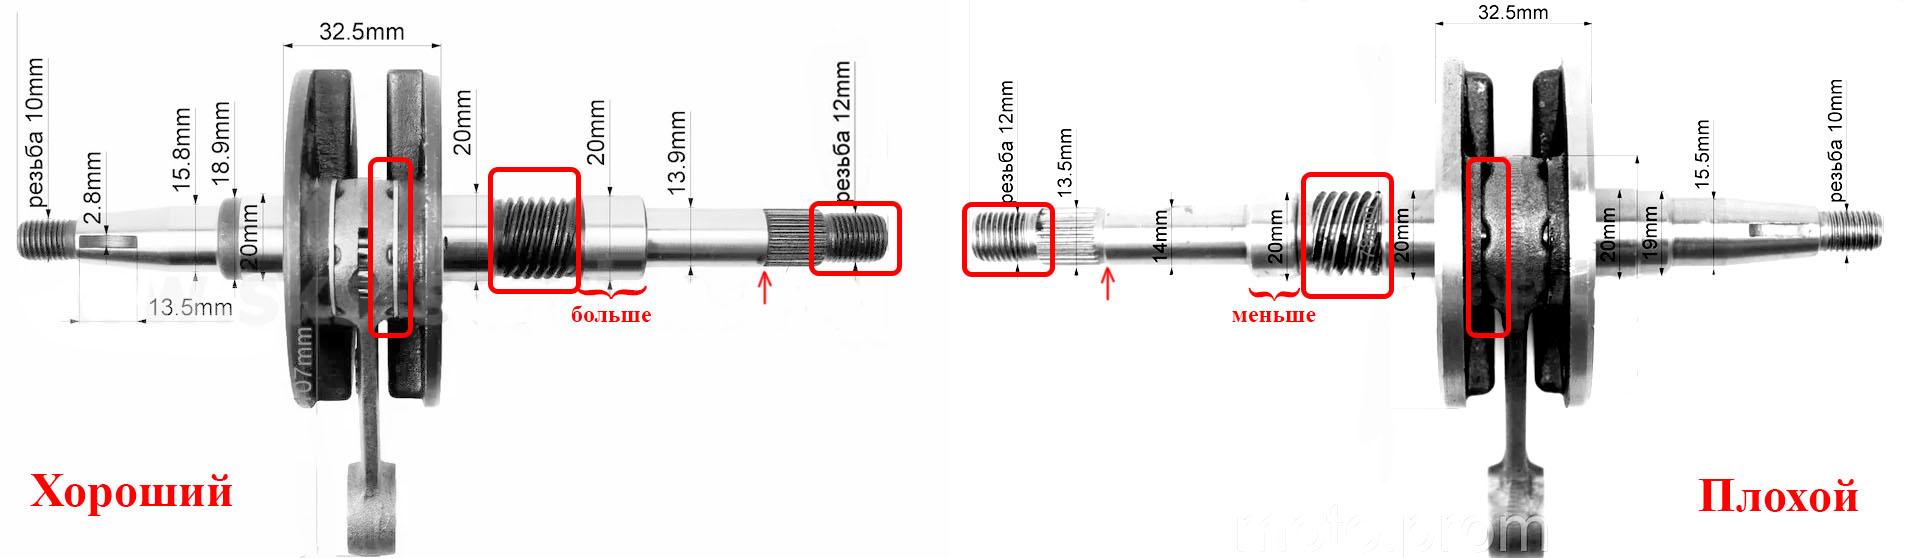 Как проверить коленвал скутера на исправность